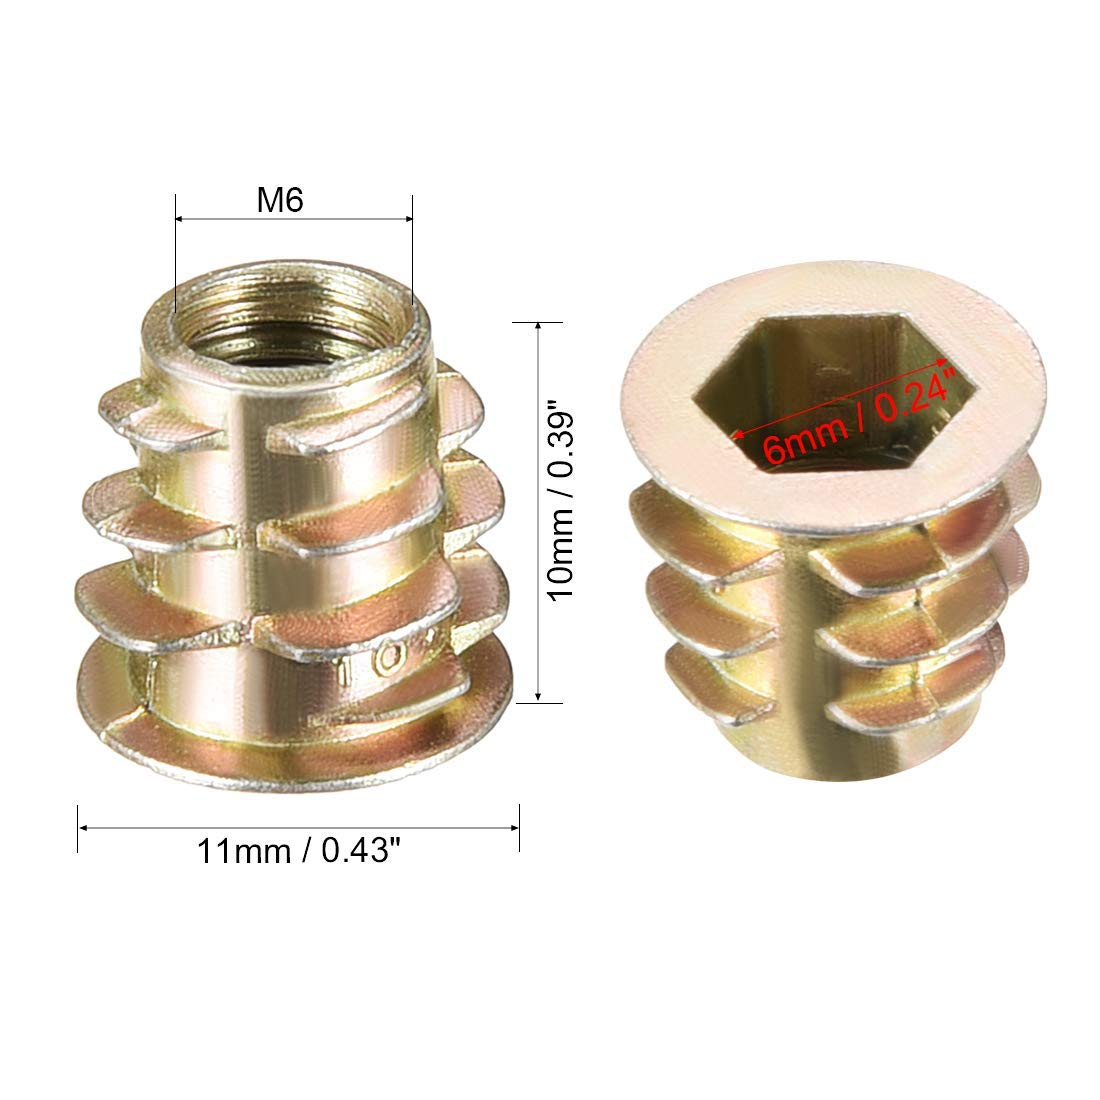 50pcs M6x10mm Threaded Insert Nuts Zinc Alloy Hexagonal M6 Internal Threads 10mm Length